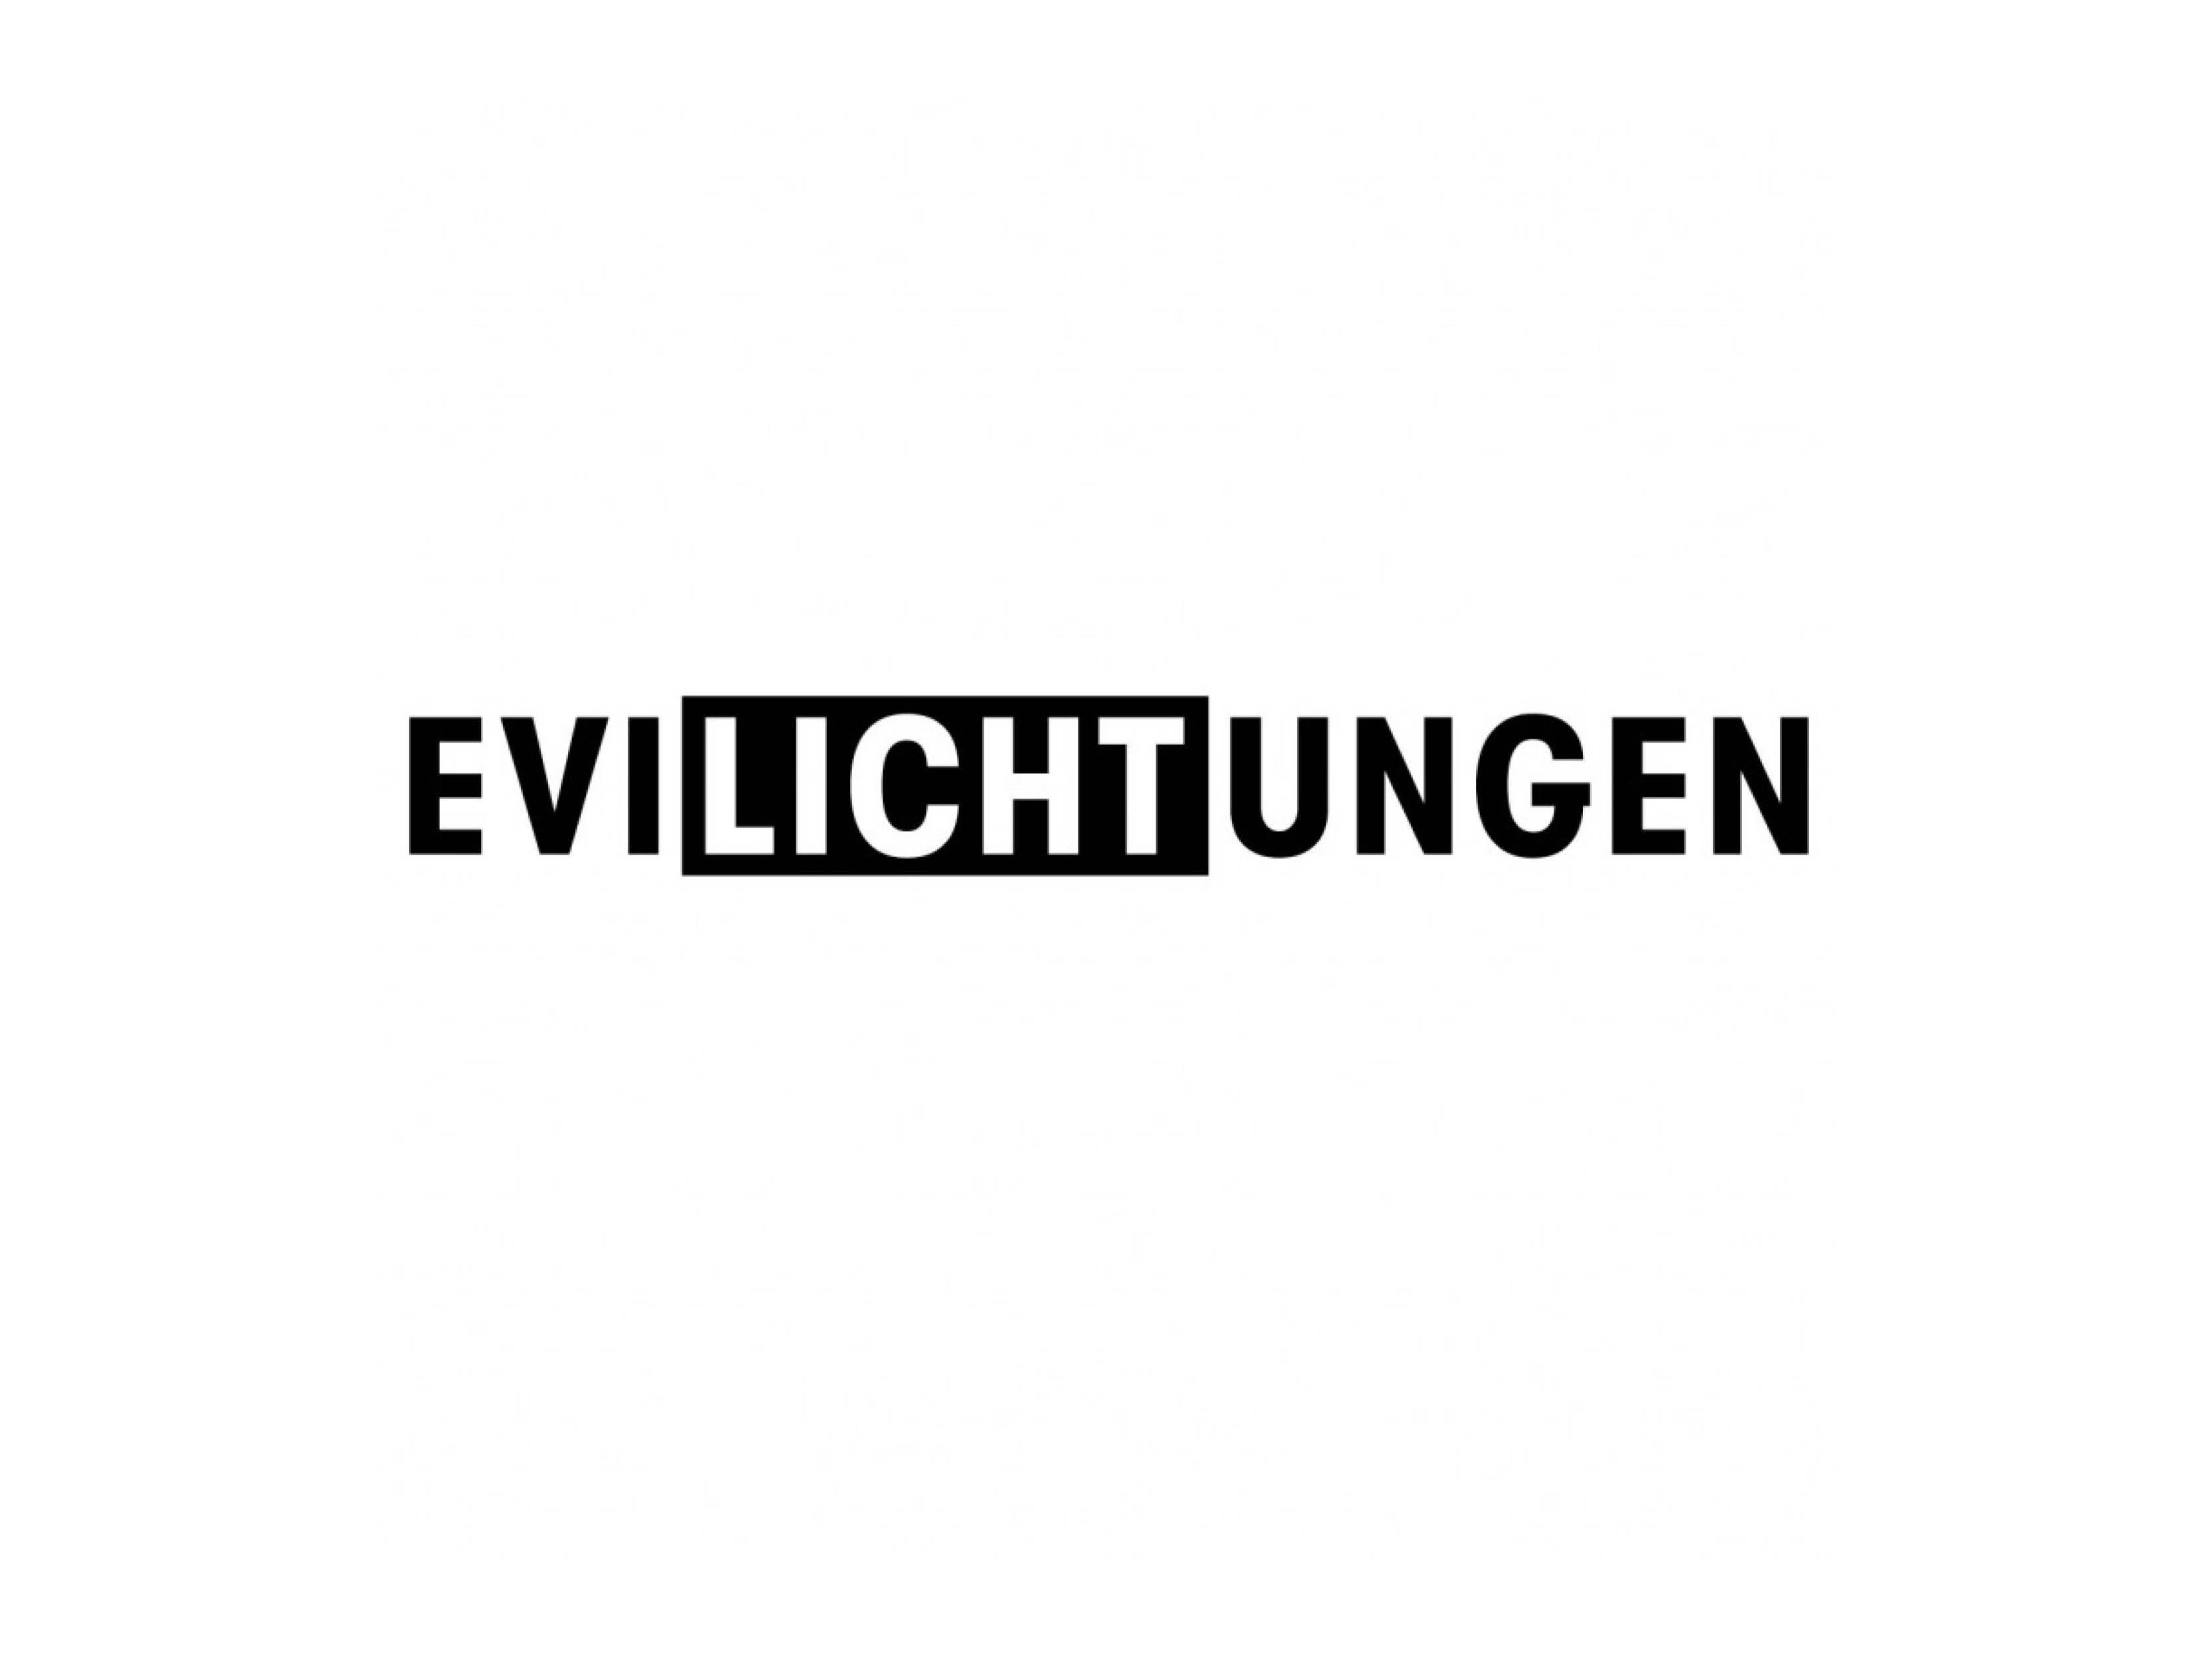 EVI LICHTUNGEN